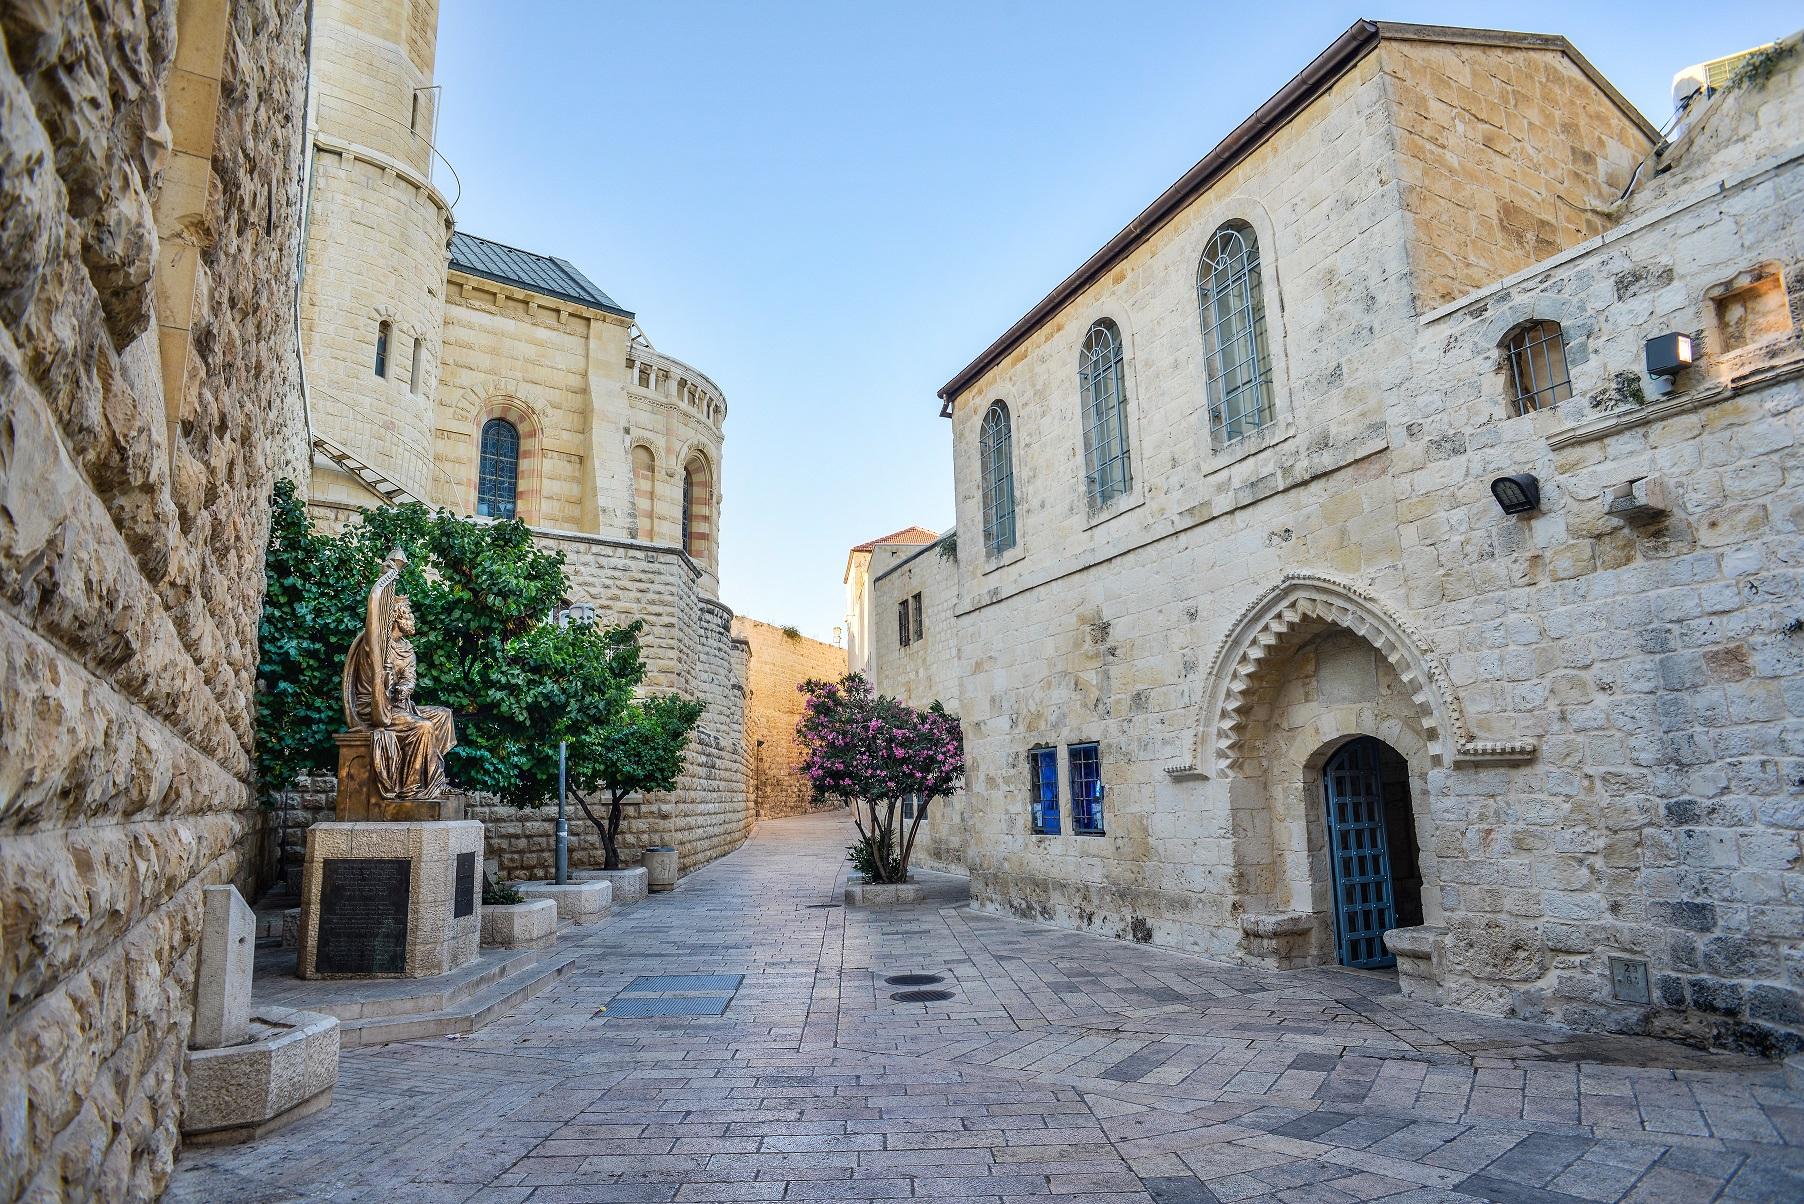 השכרת רכב בירושלים - אטרקציות